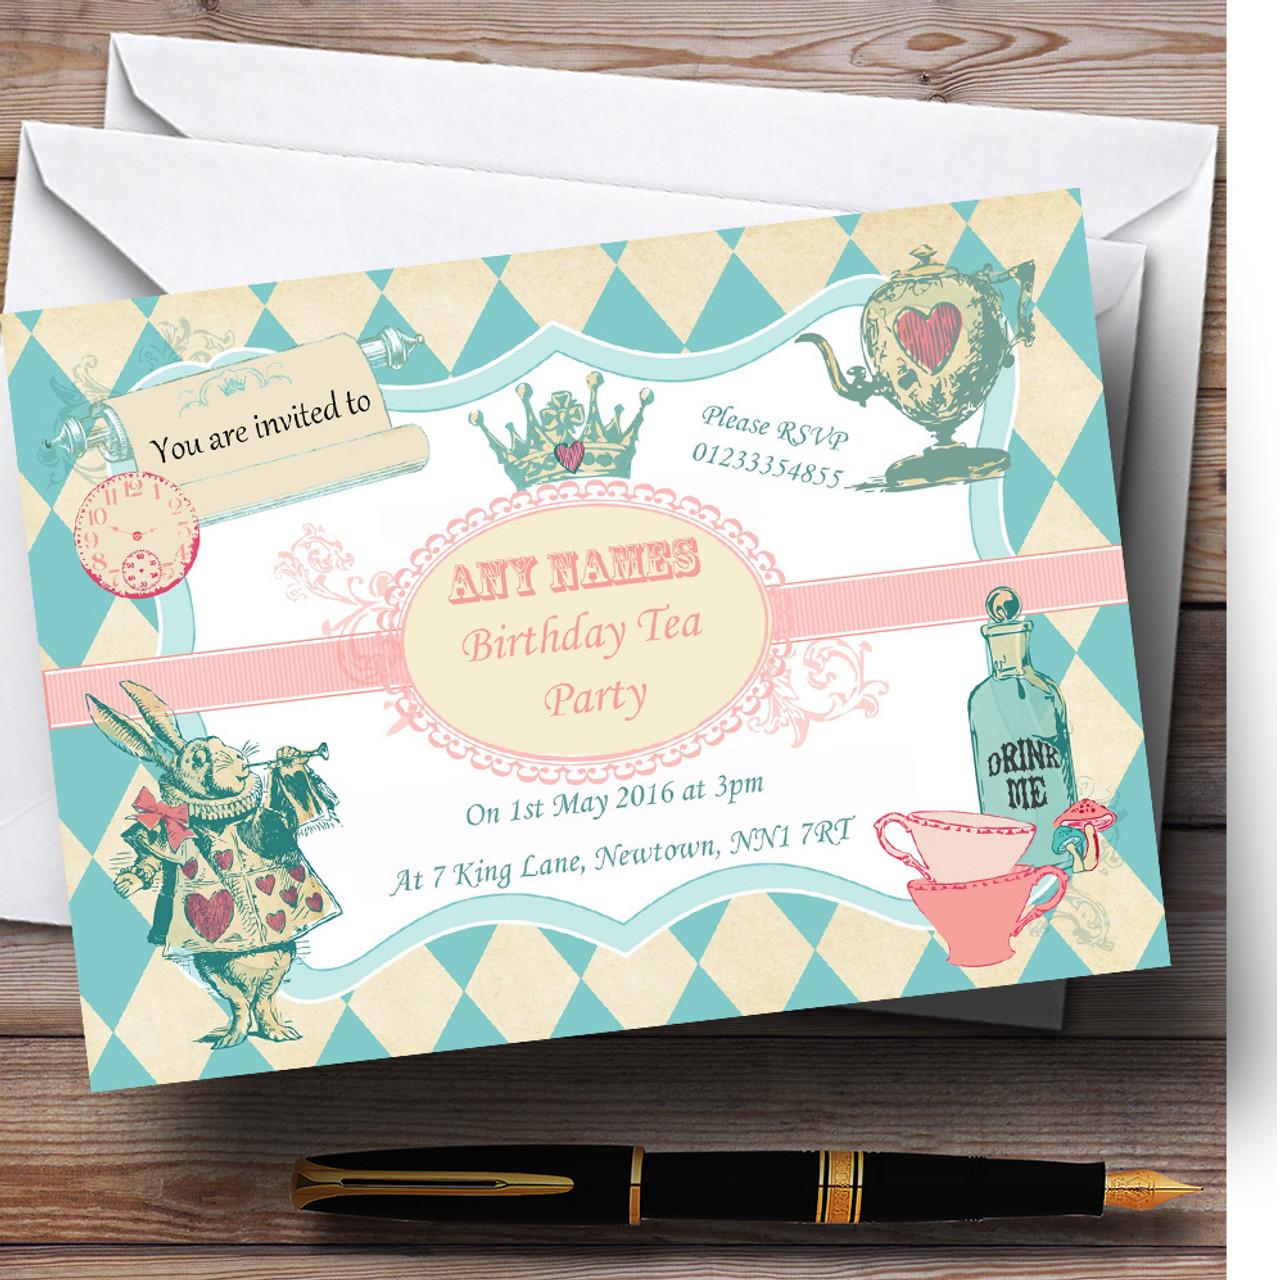 Alice in wonderland mad hatters tea personalised birthday childrens alice in wonderland mad hatters tea personalised birthday childrens party invitations filmwisefo